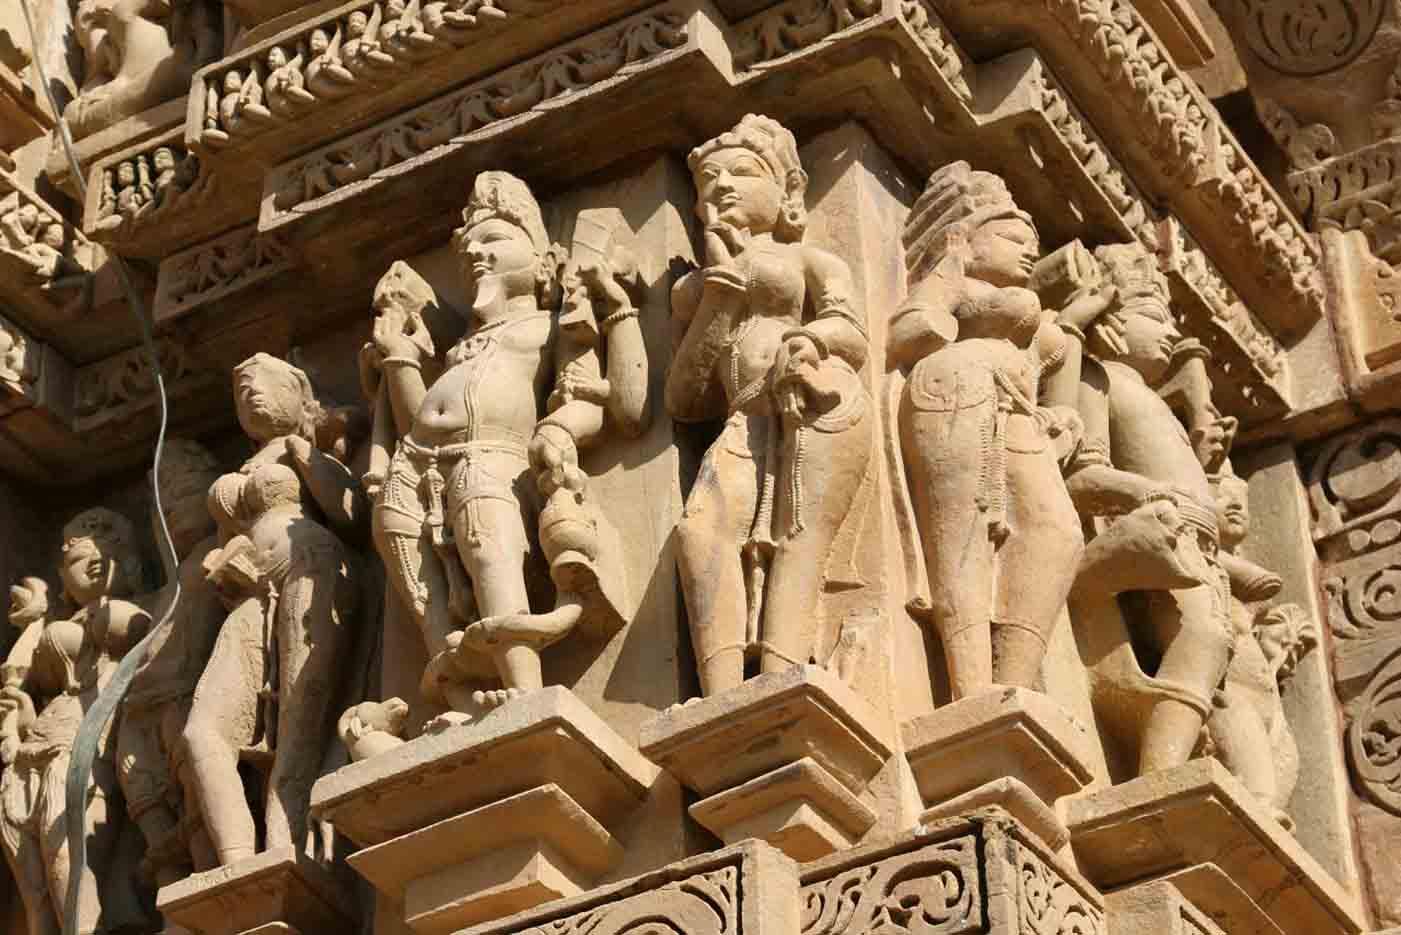 Храмы Кхаджурахо, Khajuraho Temples - 31